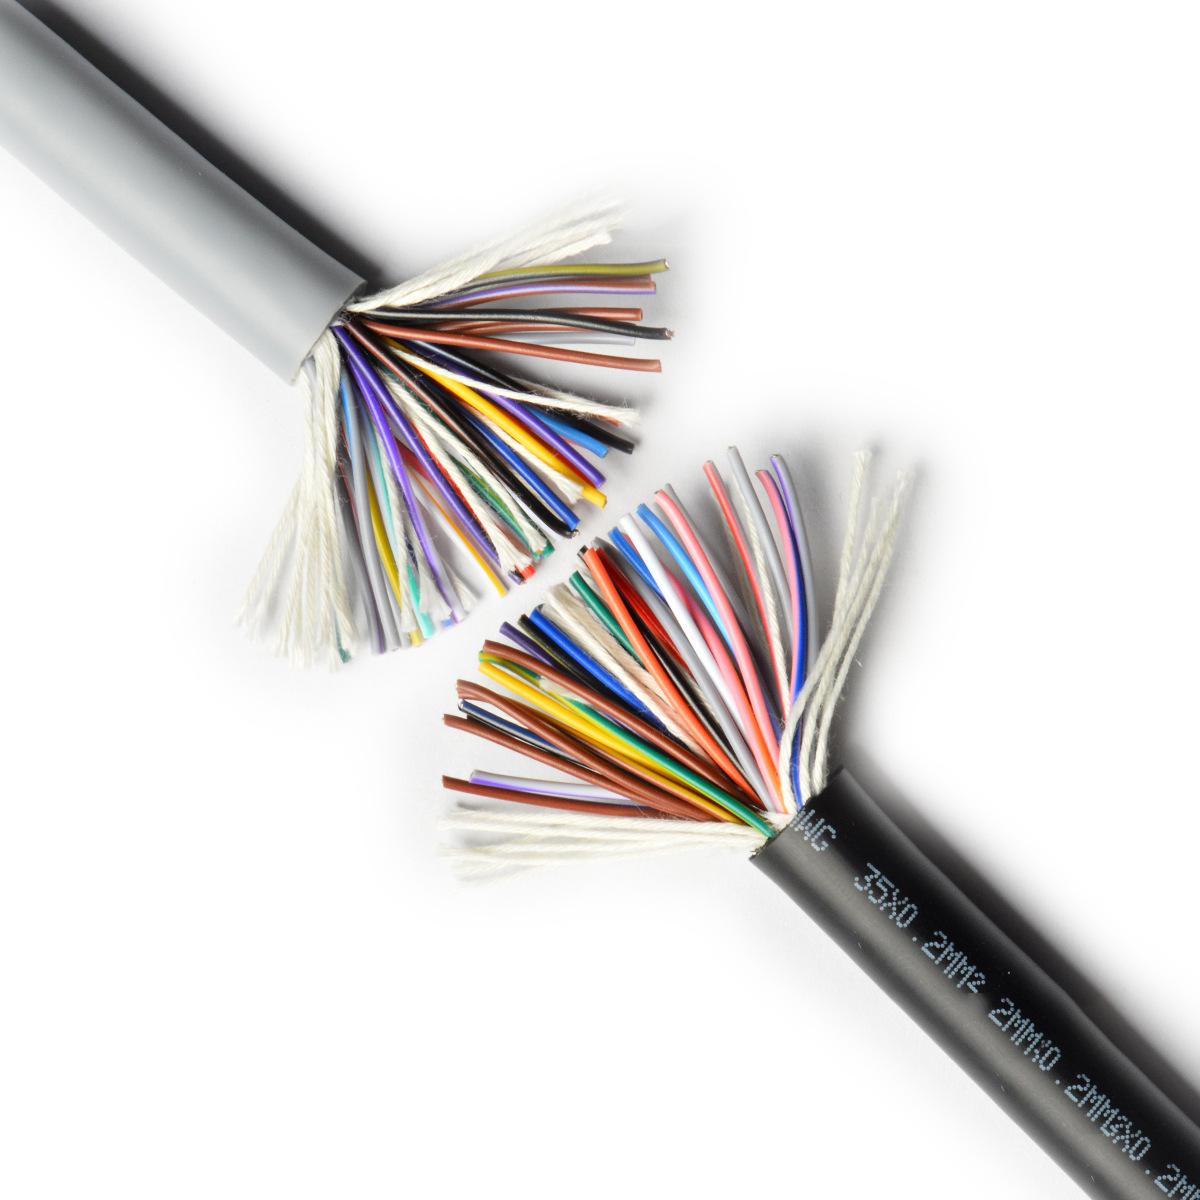 SHENGPAI Dây nguồn Sheng thương hiệu PVC dây điện bảo vệ môi trường UL2464-28AWG trên dây có vỏ bọc